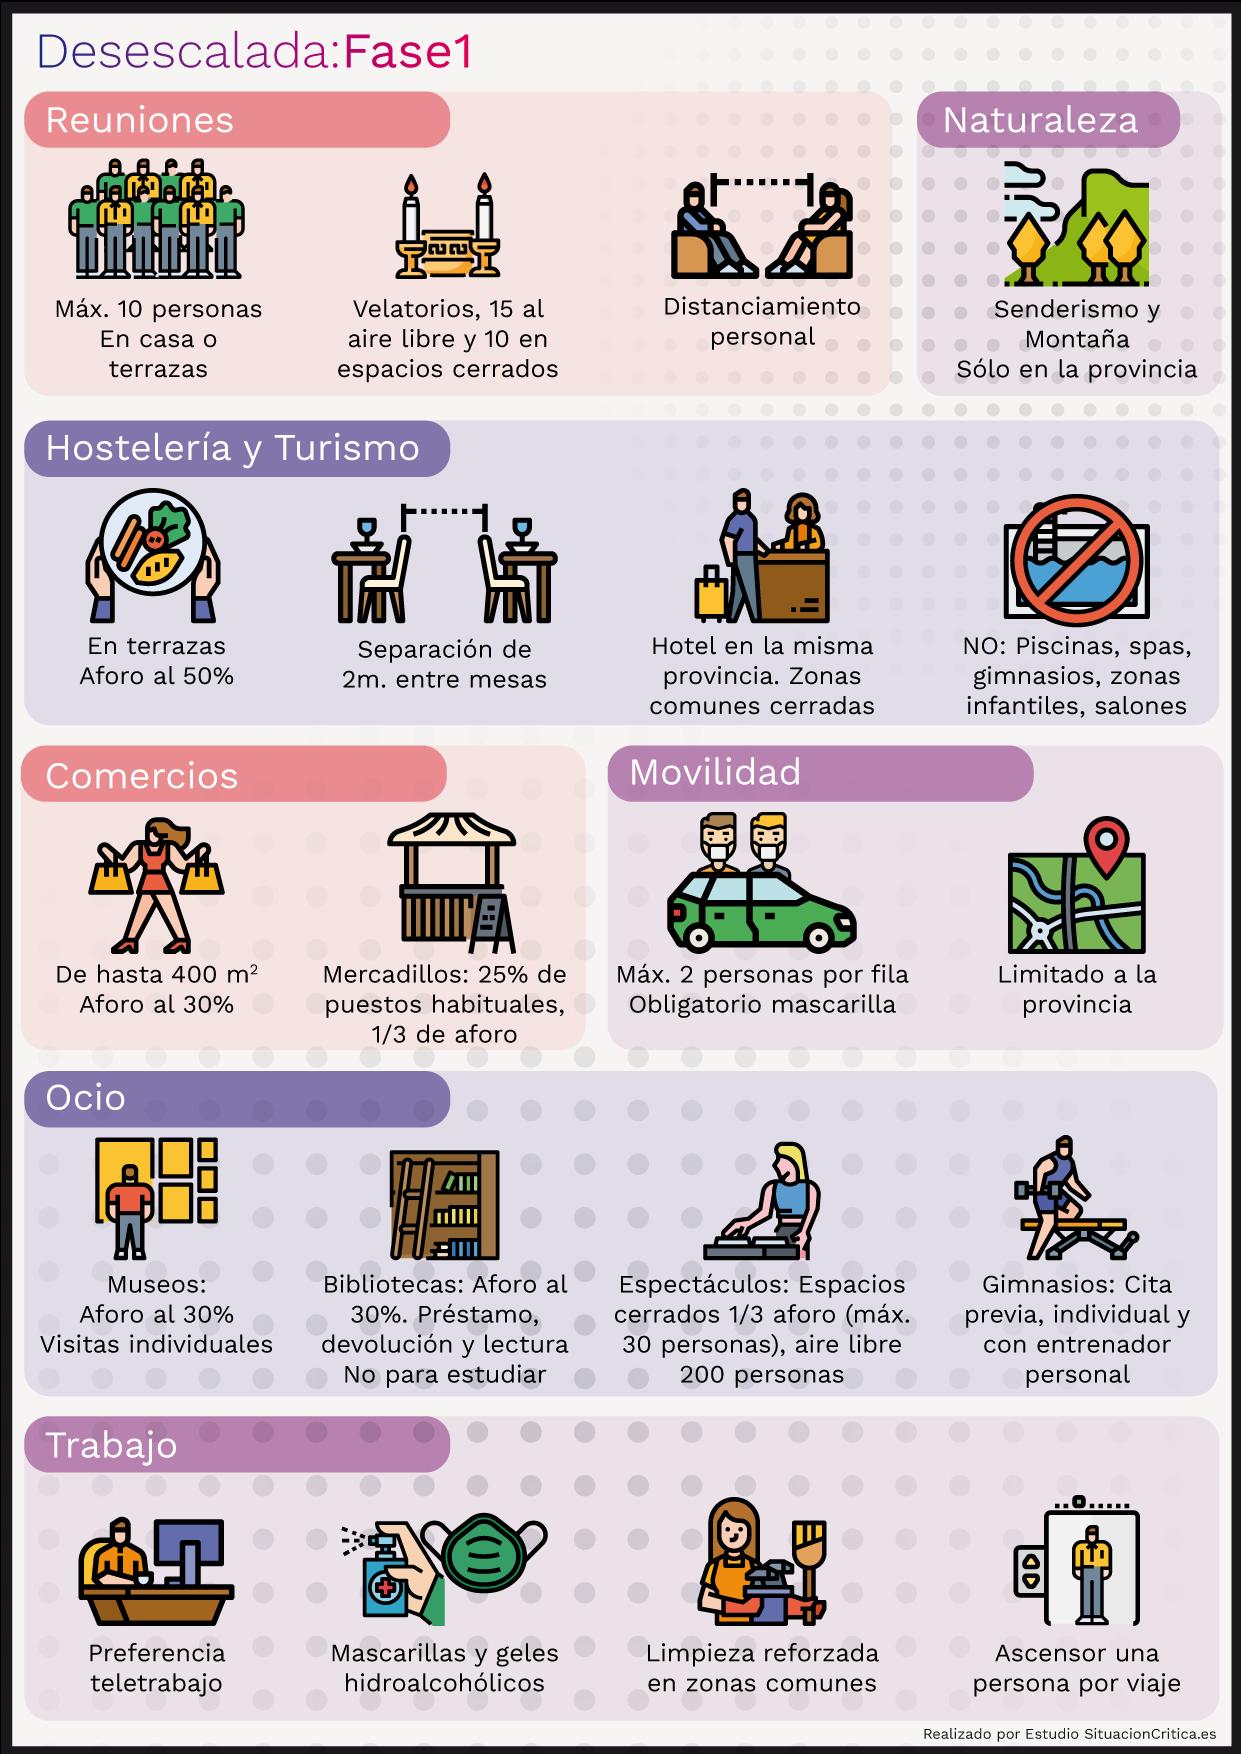 Gráfico sobre qué se puede hacer durante la fase 1 de la desescalada en España.